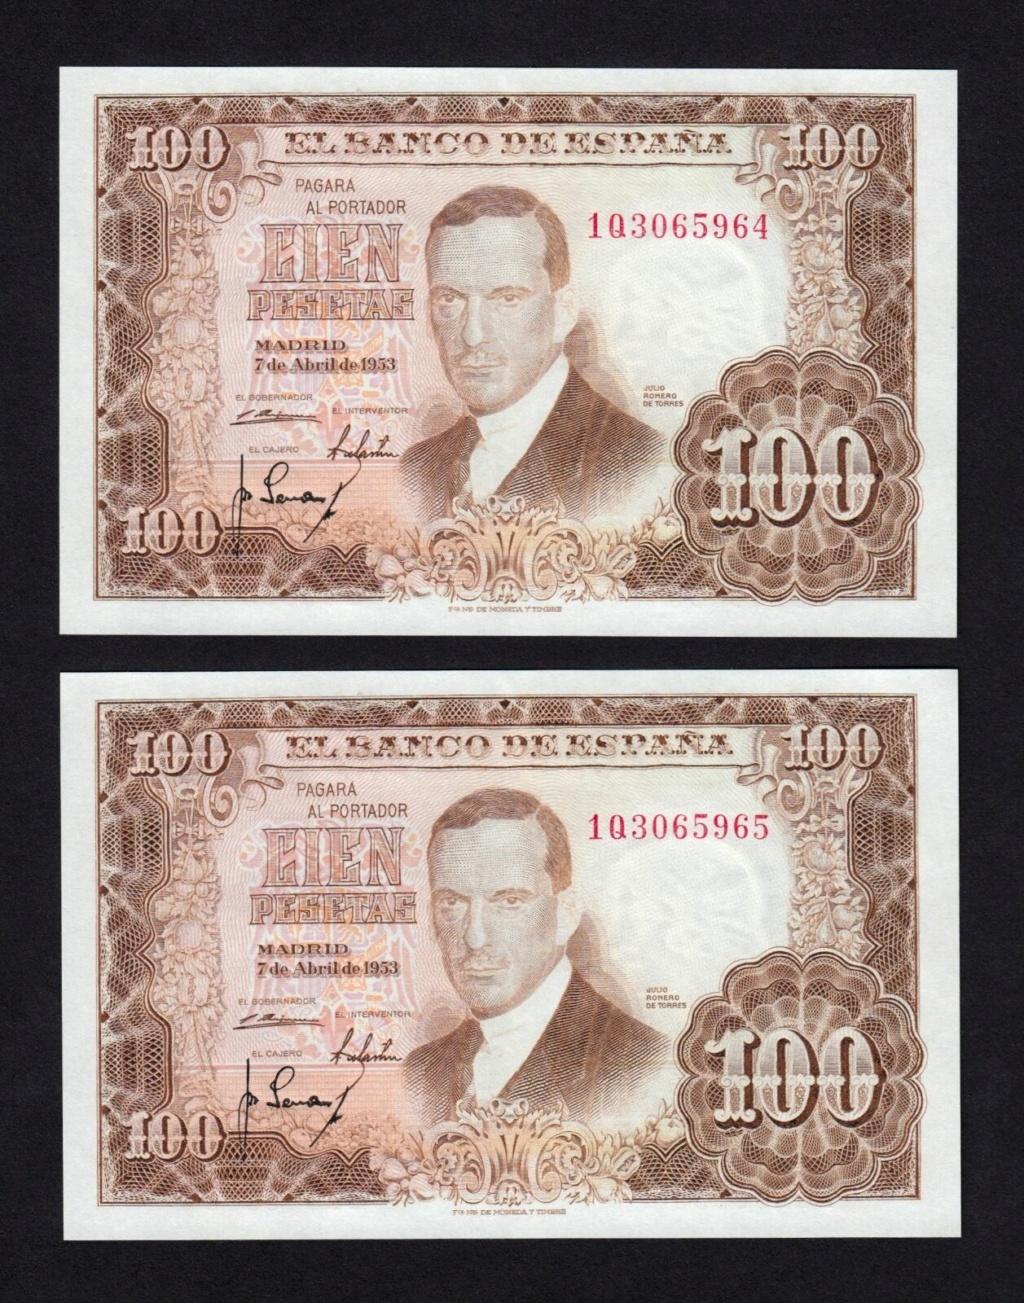 Investigación - Billetes de 100 pts 1953 Romero de Torres 1q10